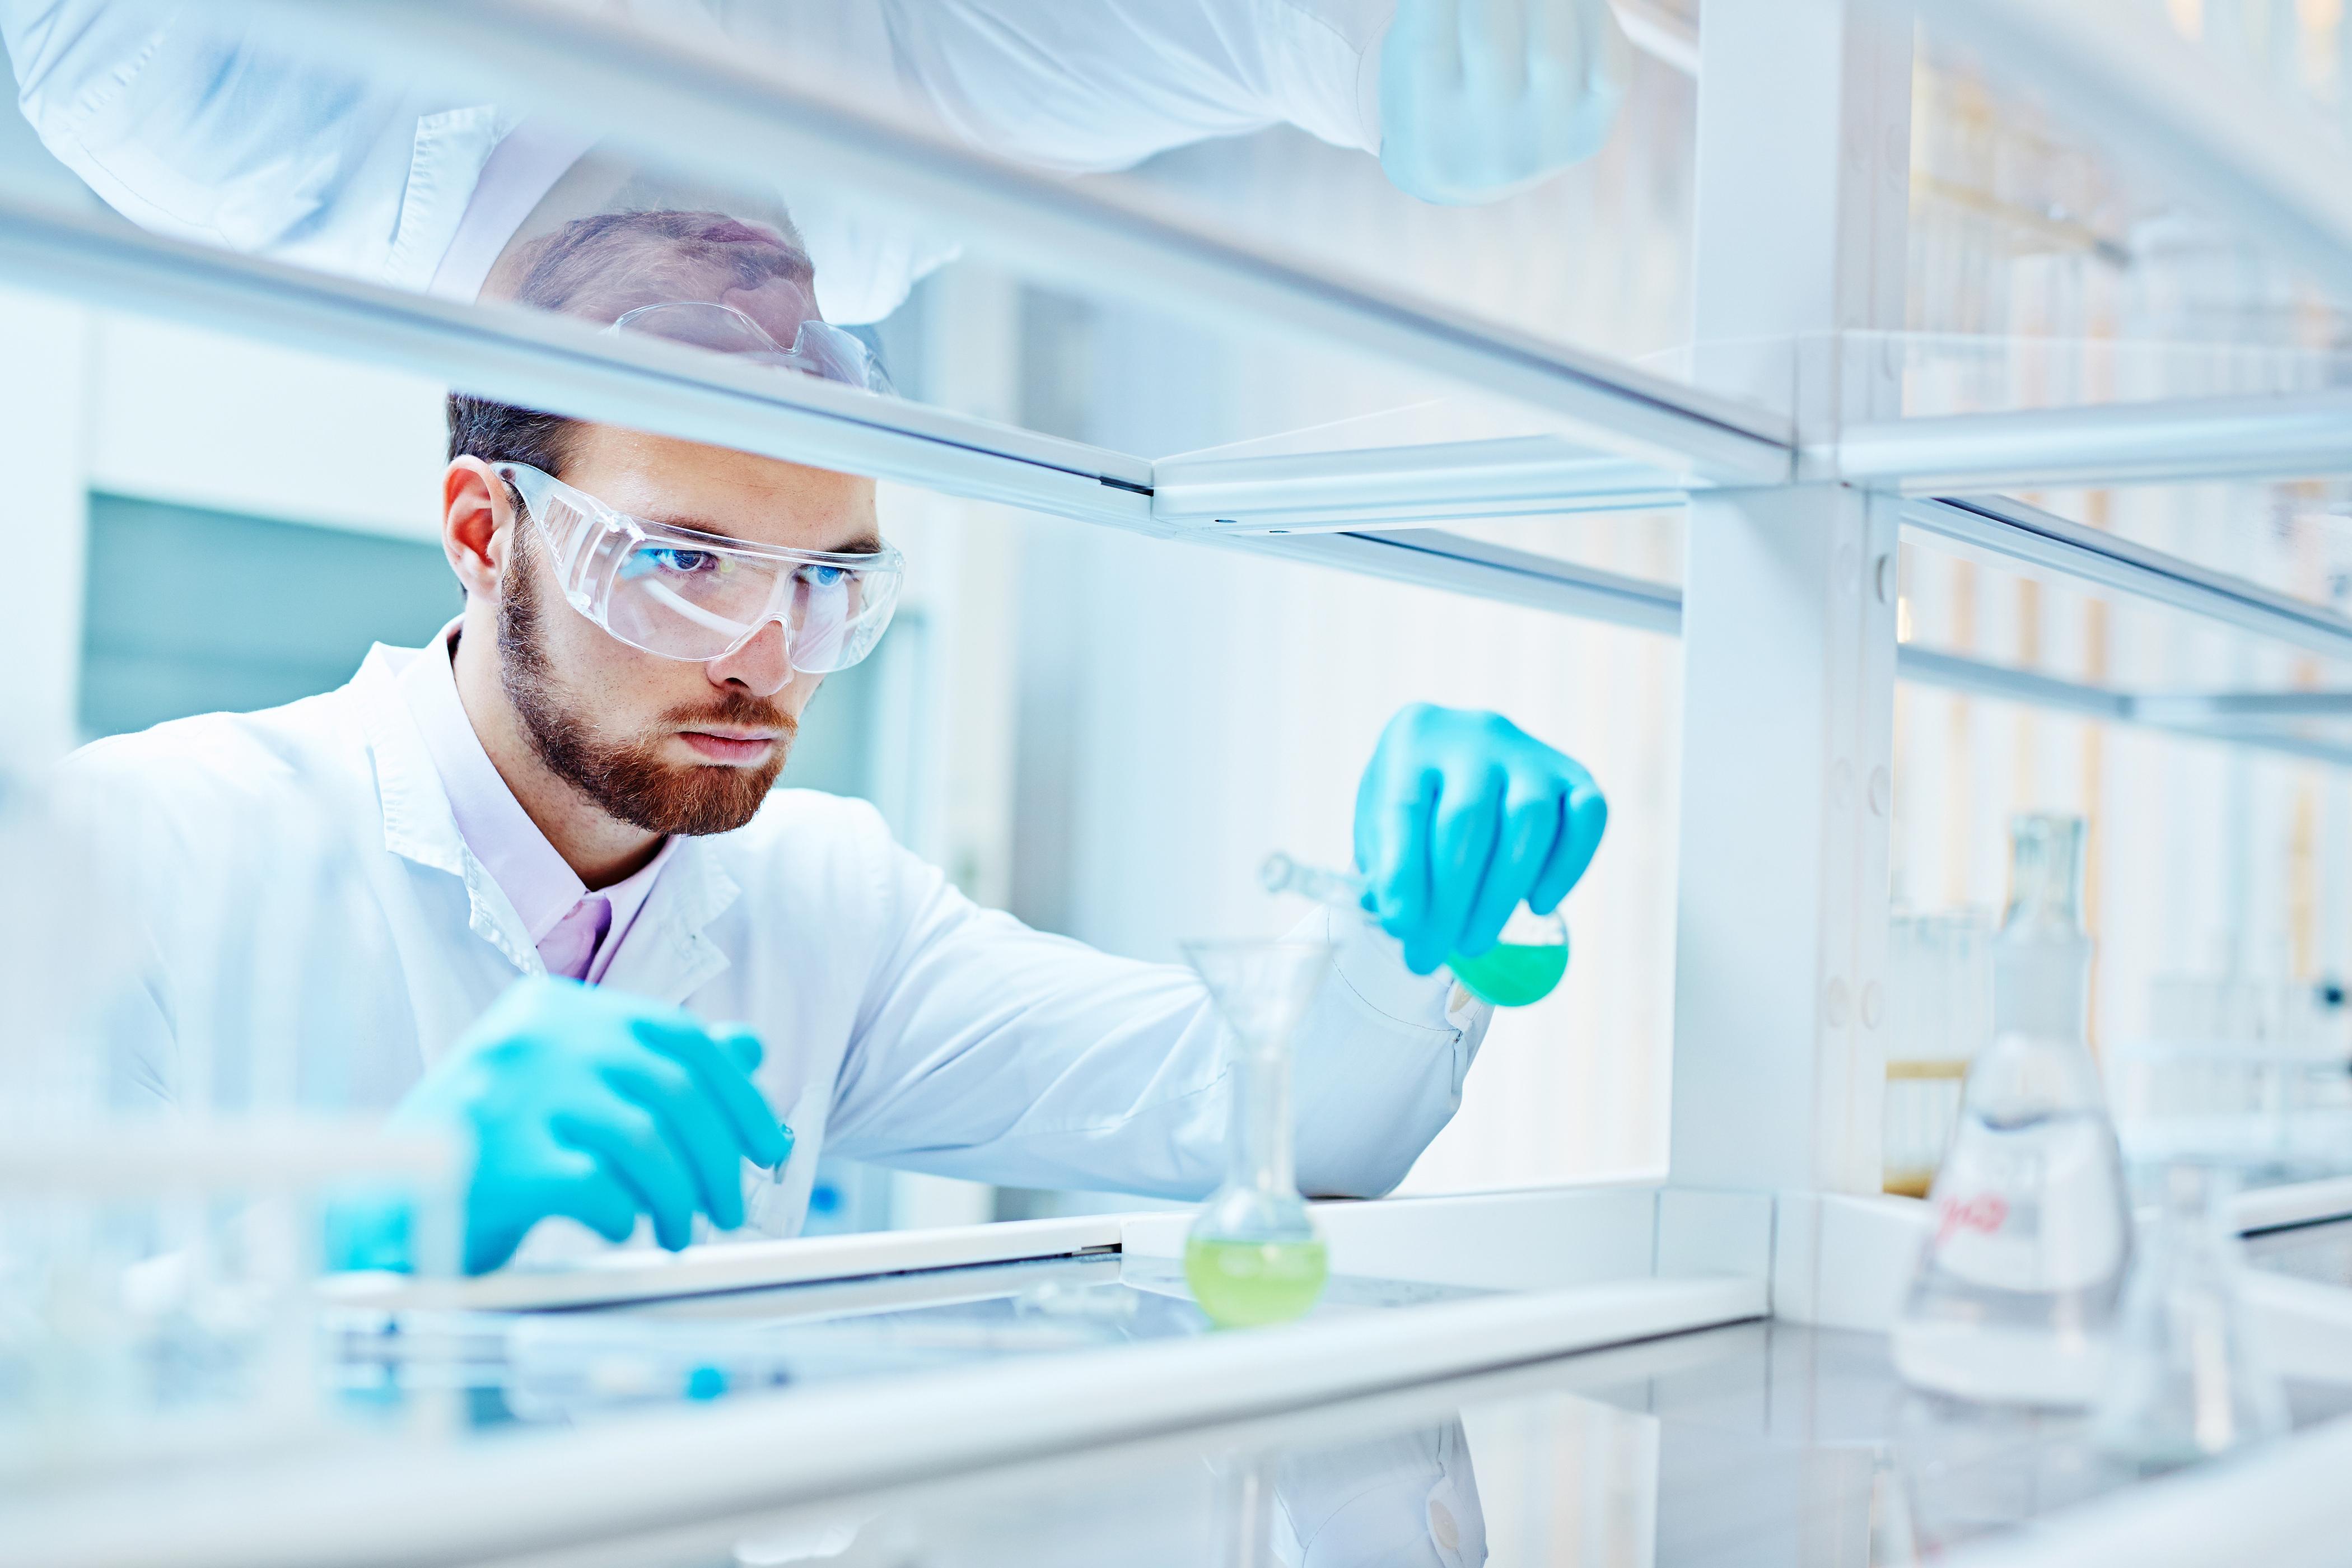 För att få läkemedelsföretagen att satsa på forskning av nya antibiotika vill nu regeringen ge dem starkare ekonomiska incitament.